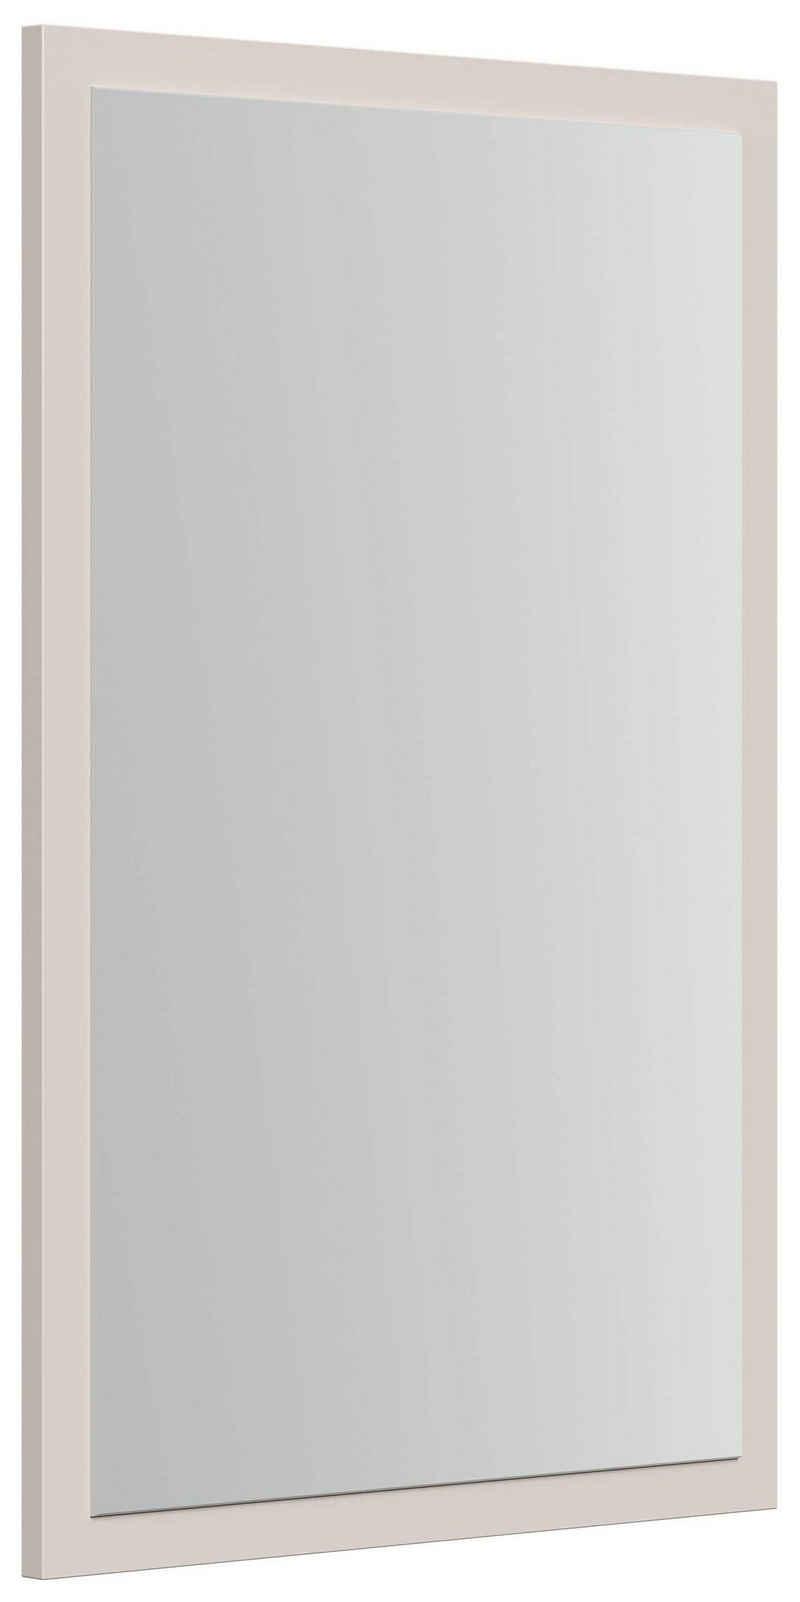 Emotion Garderobenspiegel »Flurspiegel Modi-M mit Rahmen variabel montierbar«